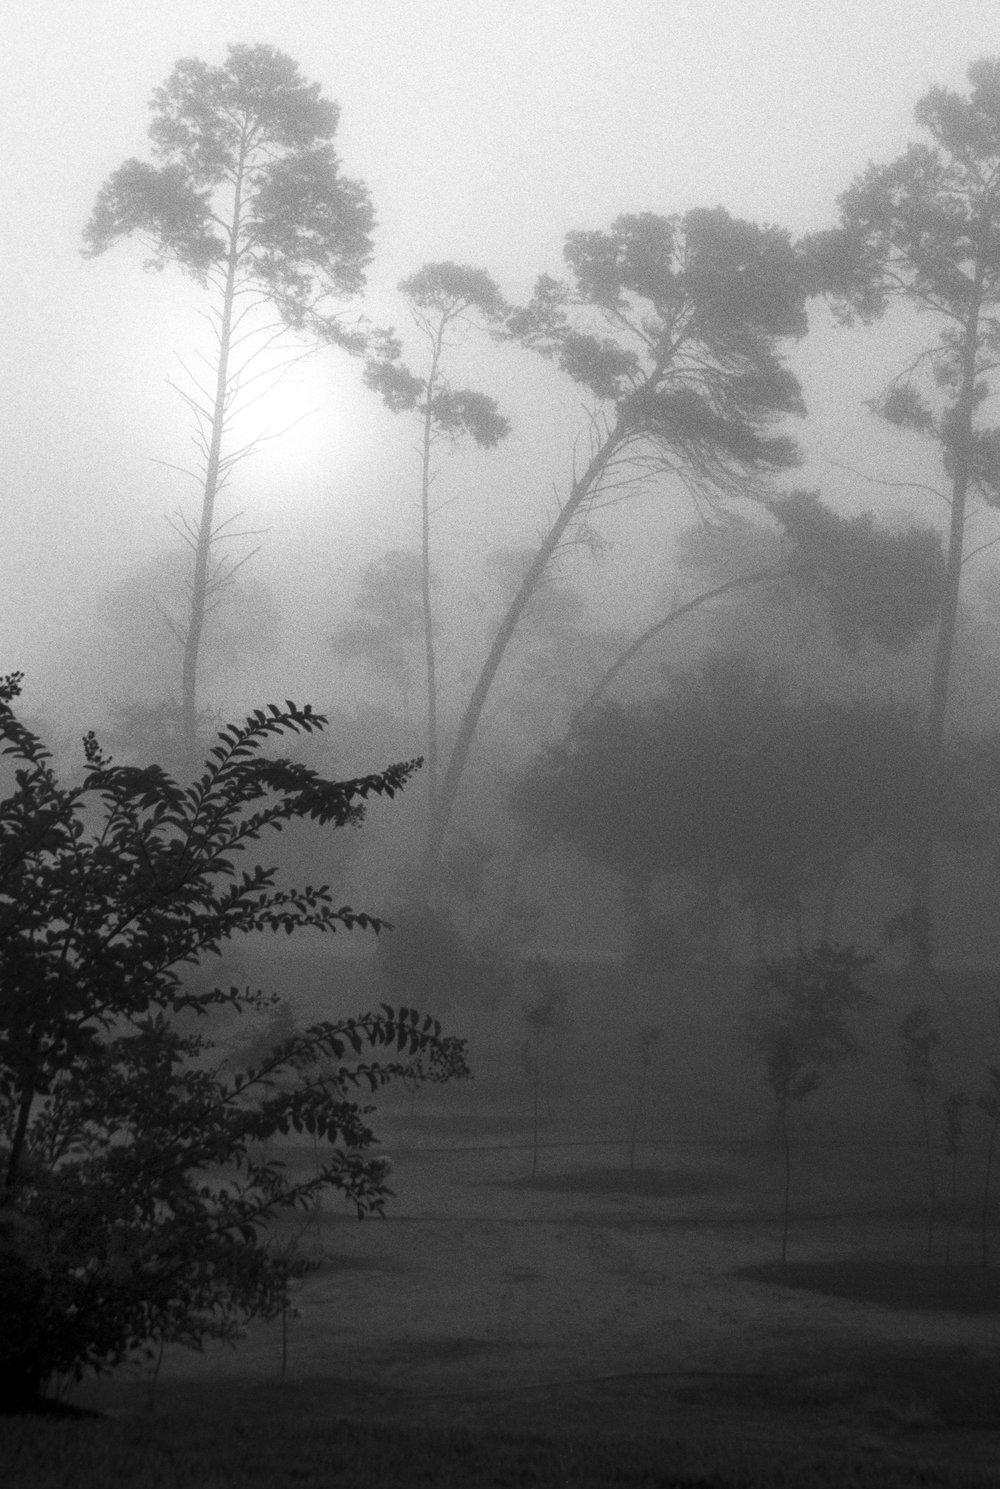 Marshy-fog12_BW.jpg